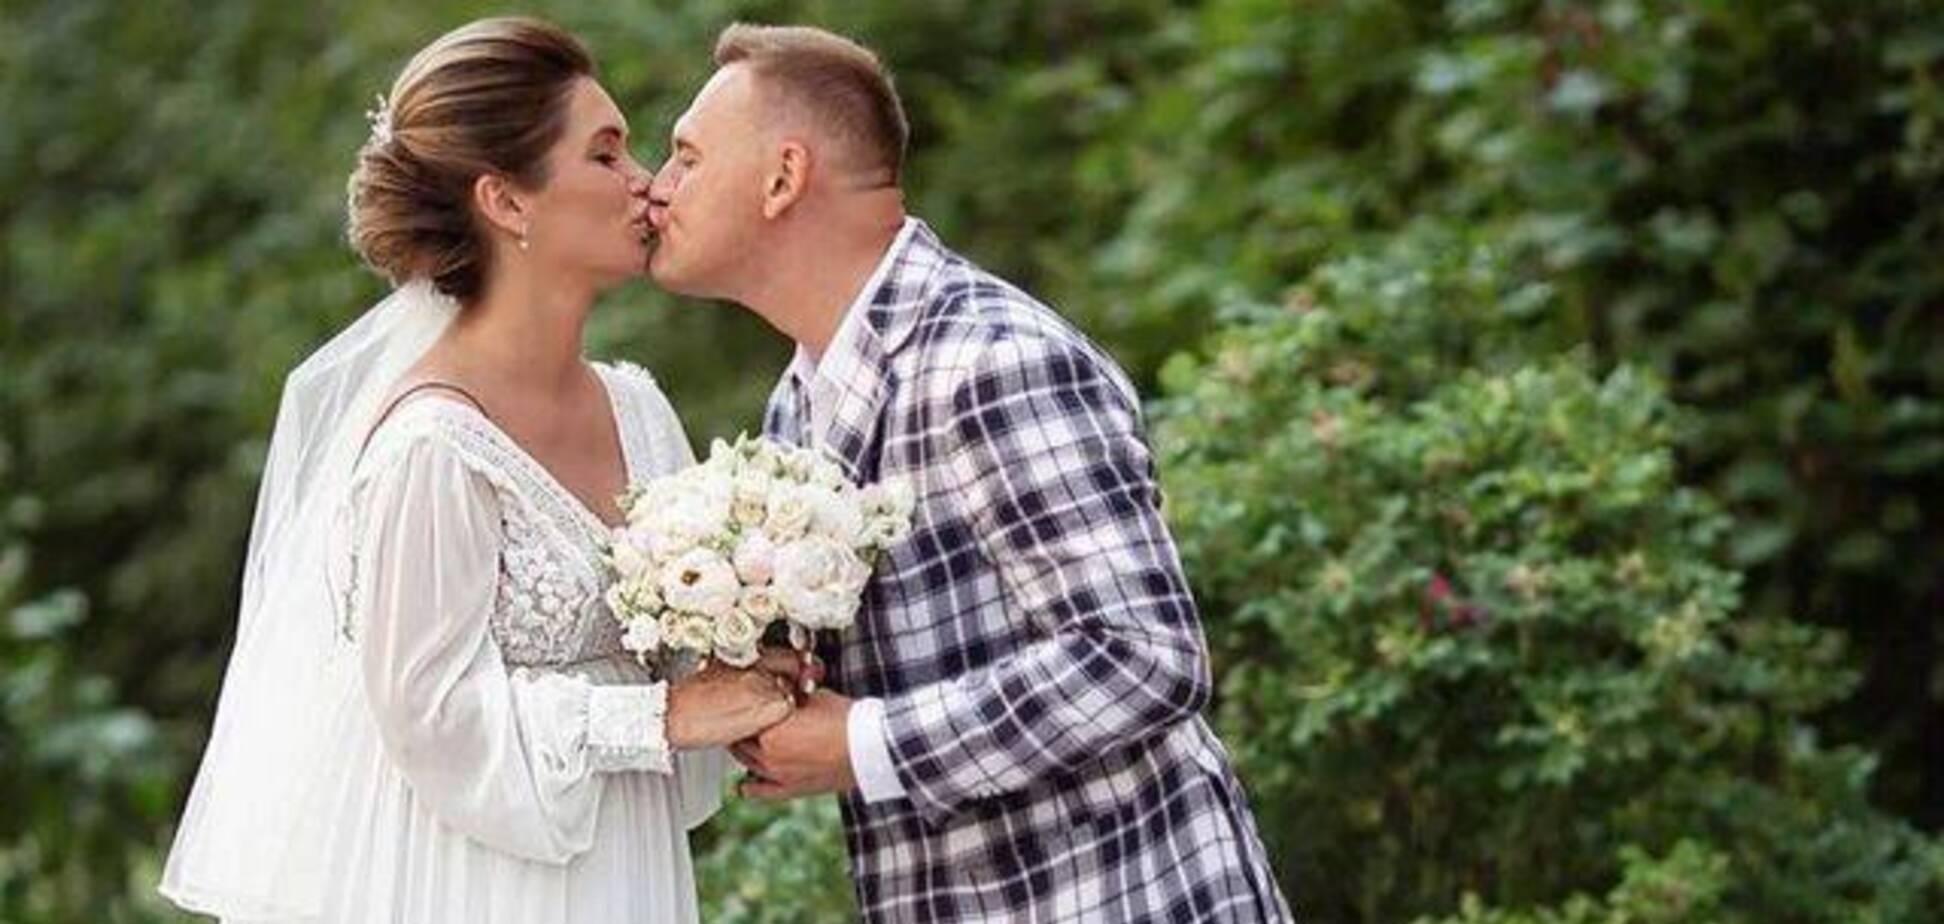 43-летняя звезда 'Дом-2' Меньщиков тайно женился: первые фото со свадьбы